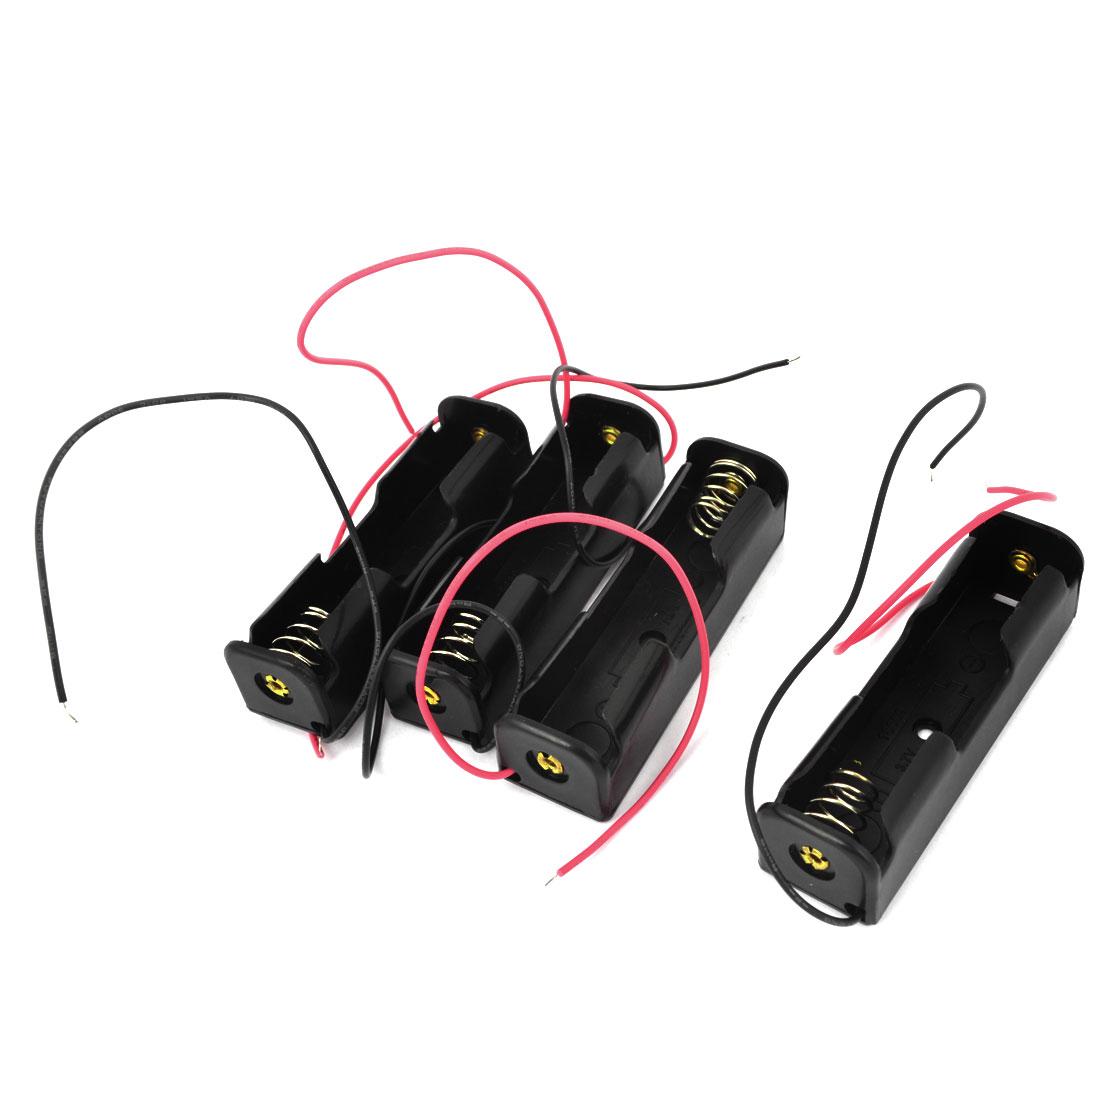 Spring Clip 3.7V 1x18650 Batteries Holder Storage Case Black 4Pcs